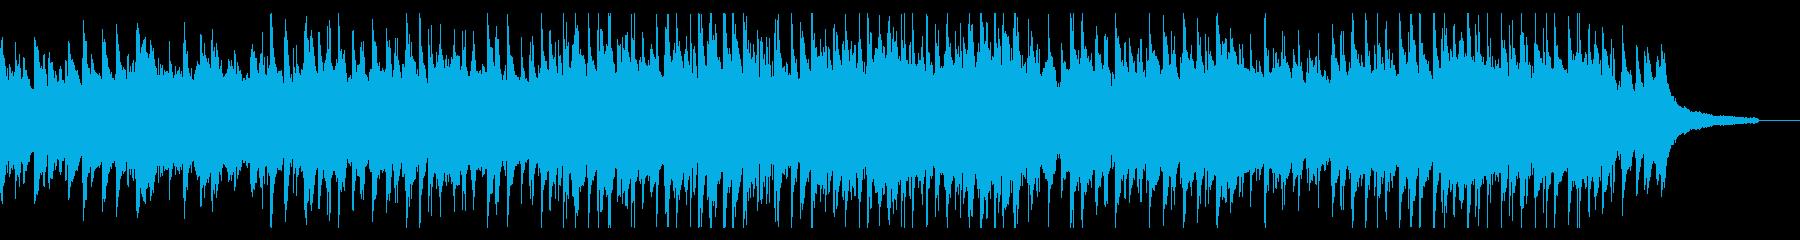 明るくやさしい日常曲の再生済みの波形